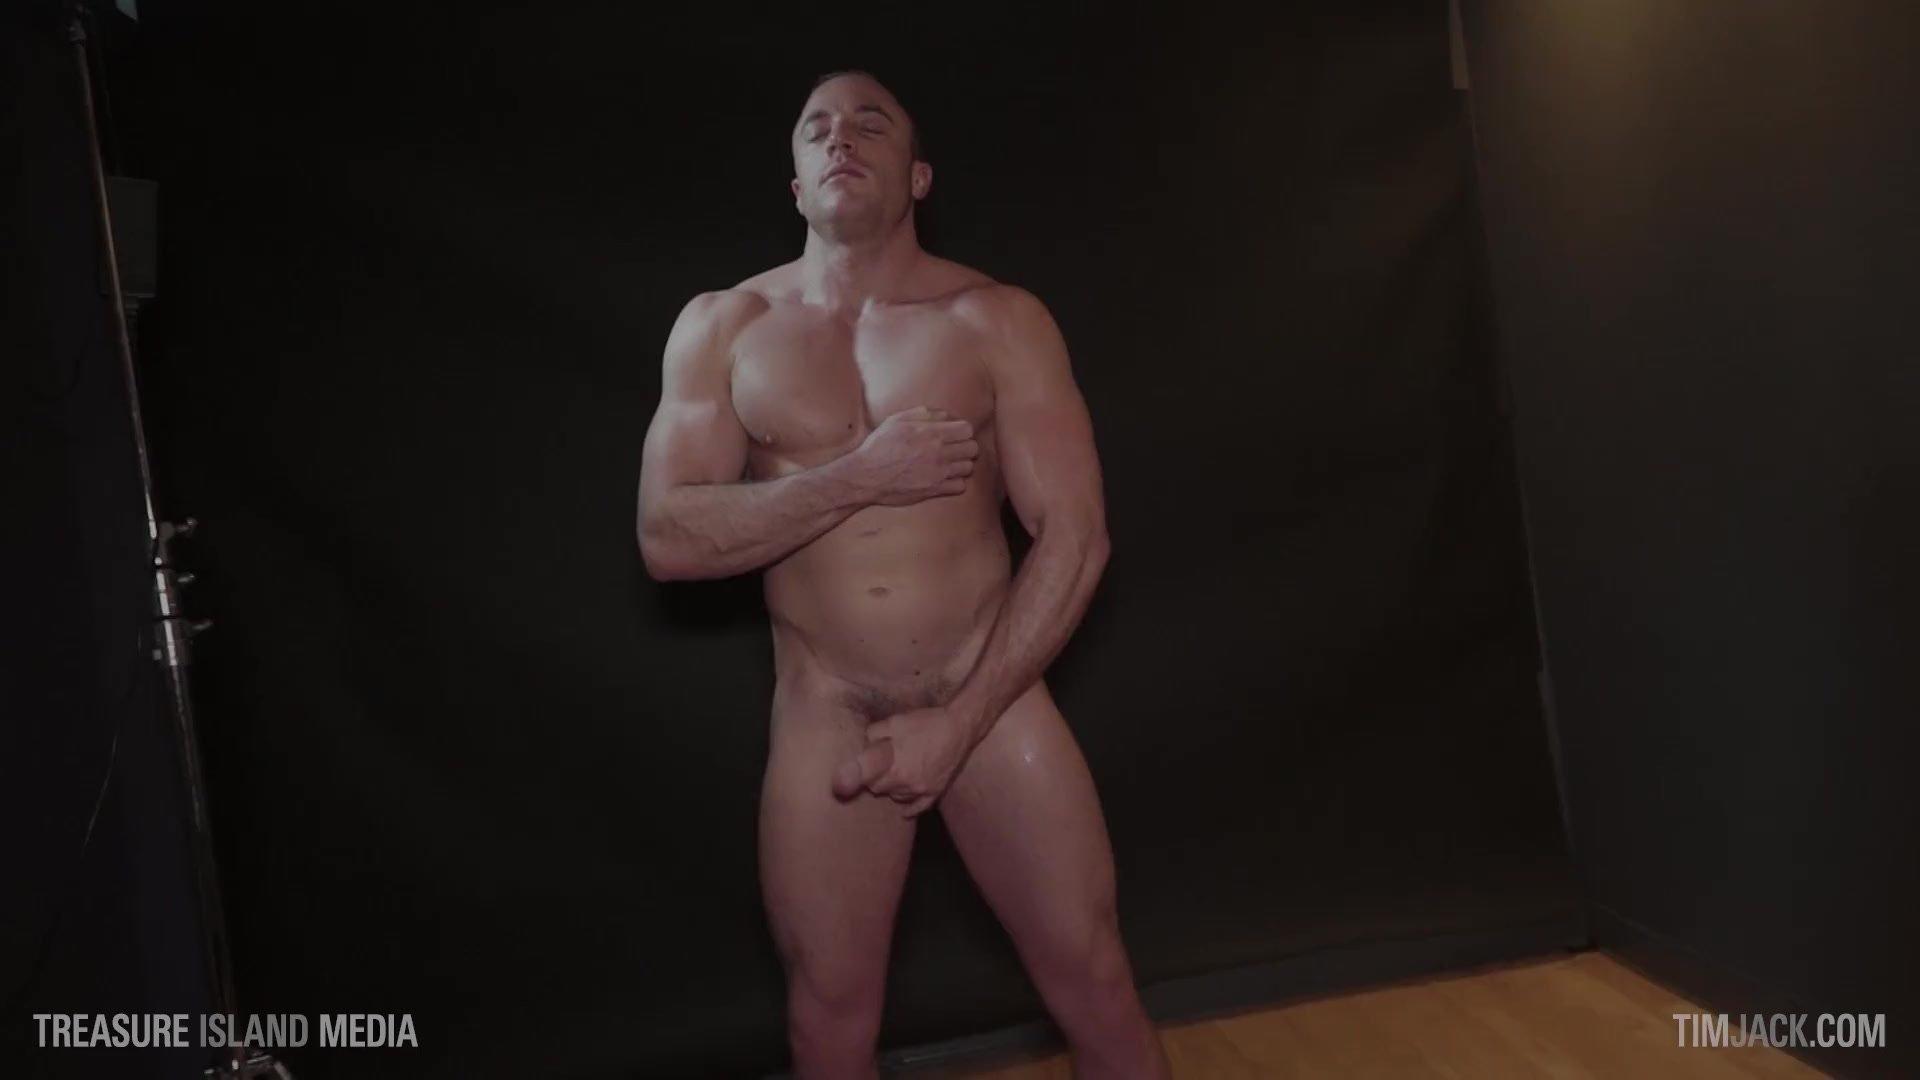 Jerking off a muscle stud while he tweaks his big nips